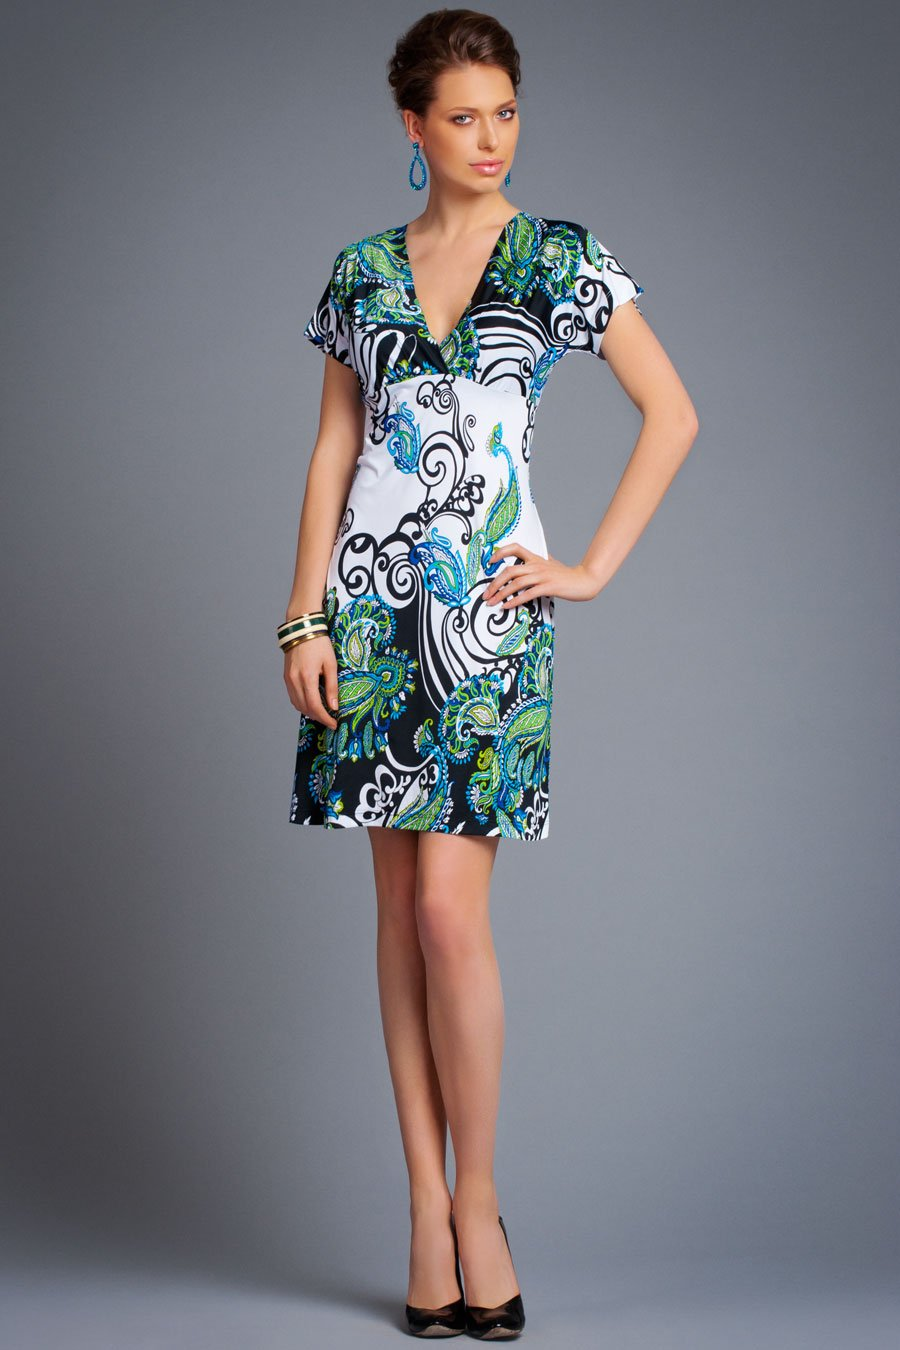 4c0a87acbf1 Модная одежда. Интернет магазин женской одежды красноярск